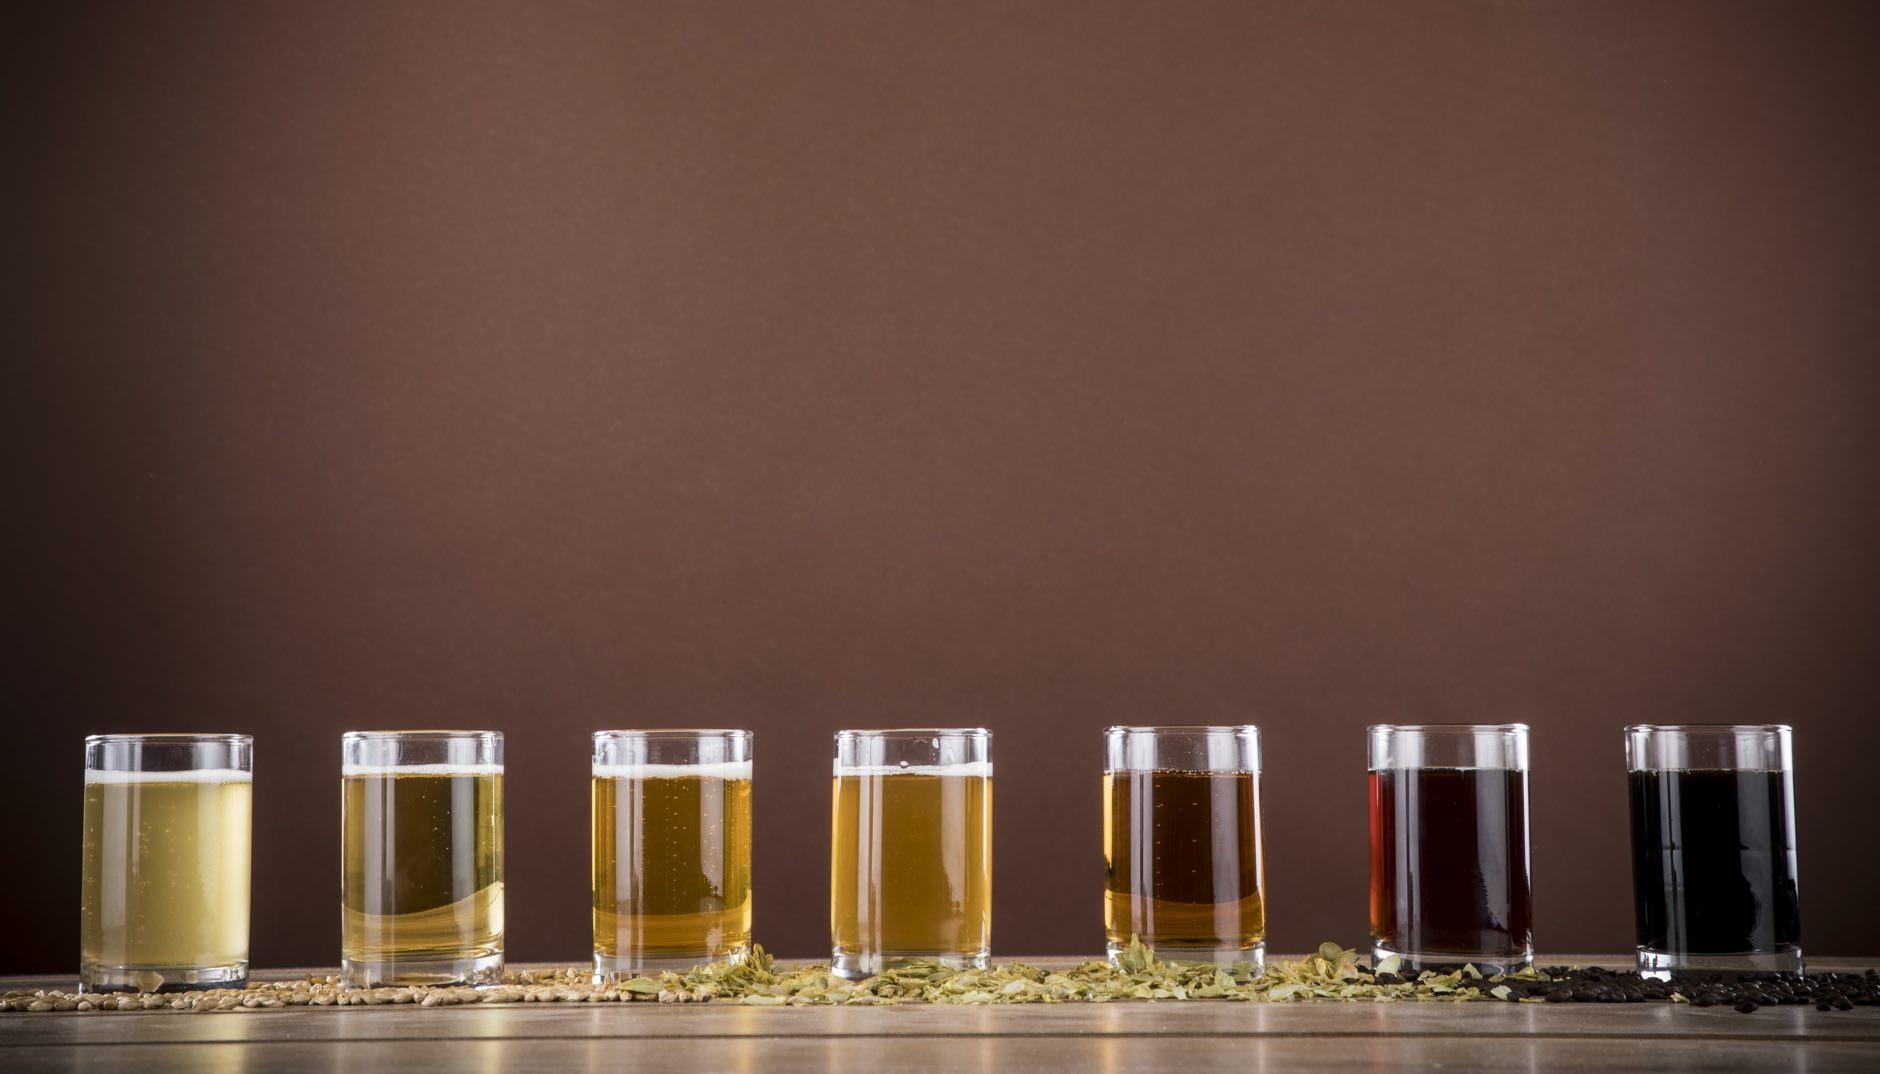 Top 8: Cervezas artesanales de temporada para disfrutar en otoño